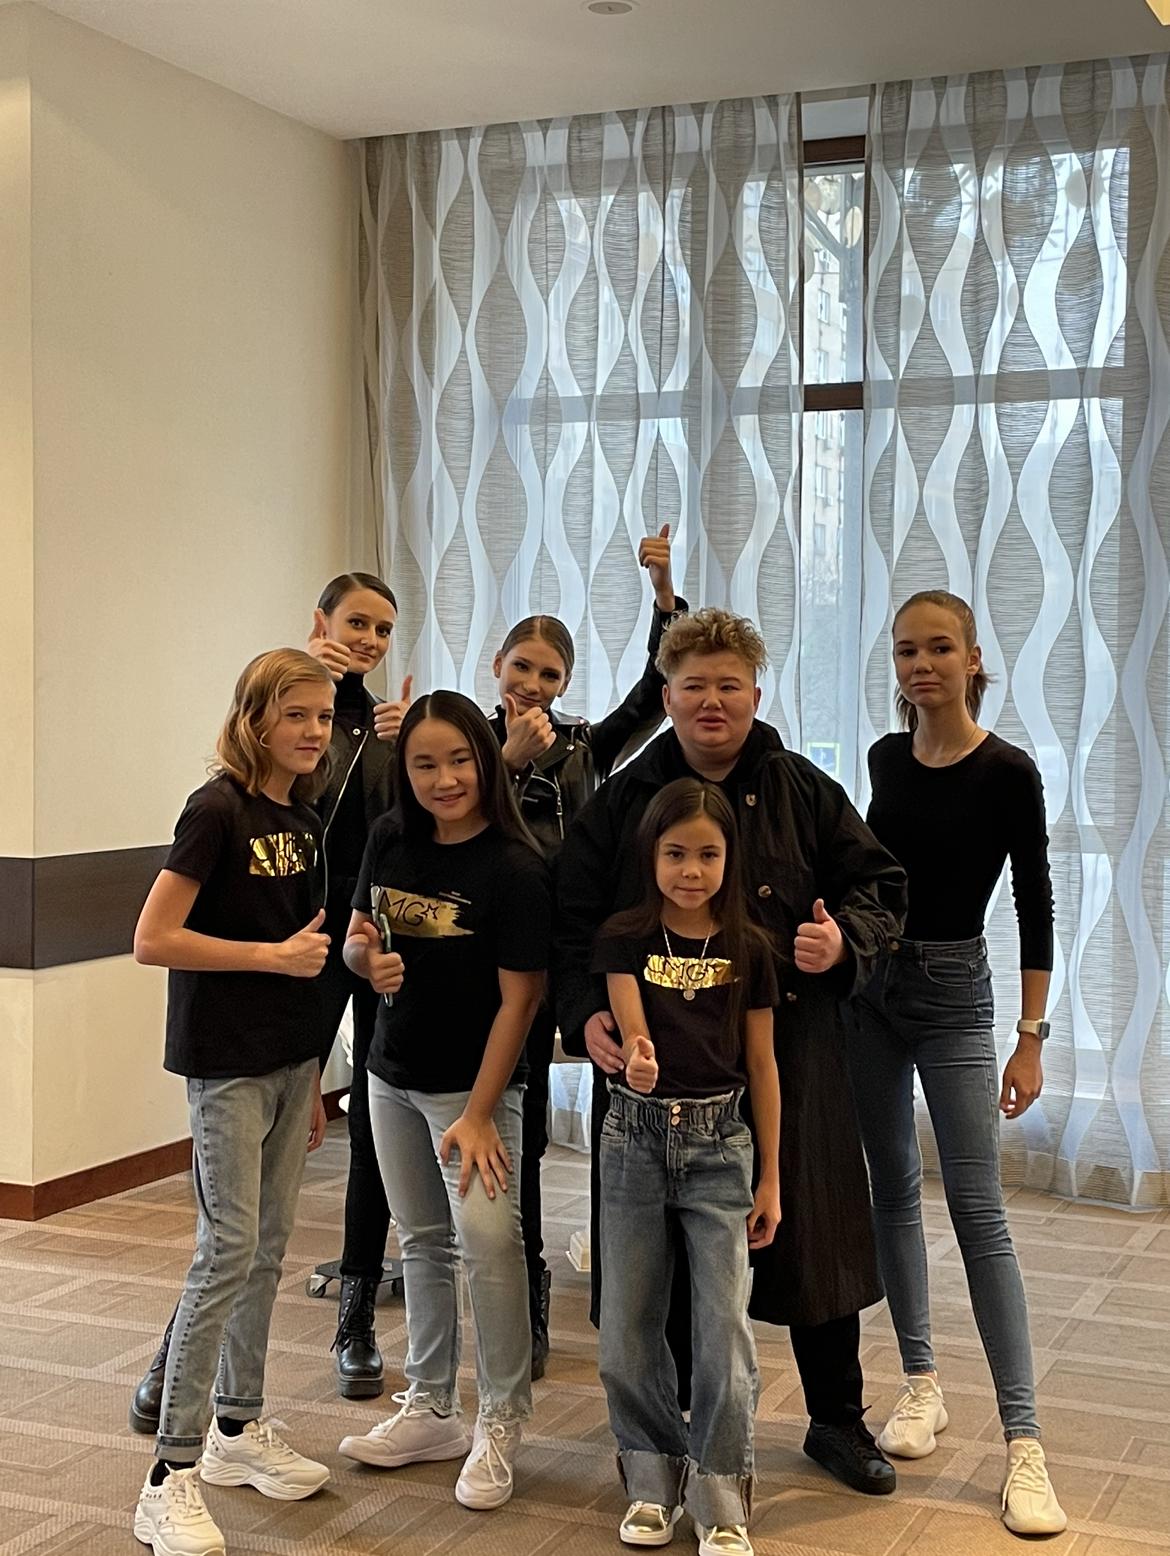 Юные актрисы сфотографировались на память сЗариной Игибаевой, исполнившей до этого роль в «Пацанках»